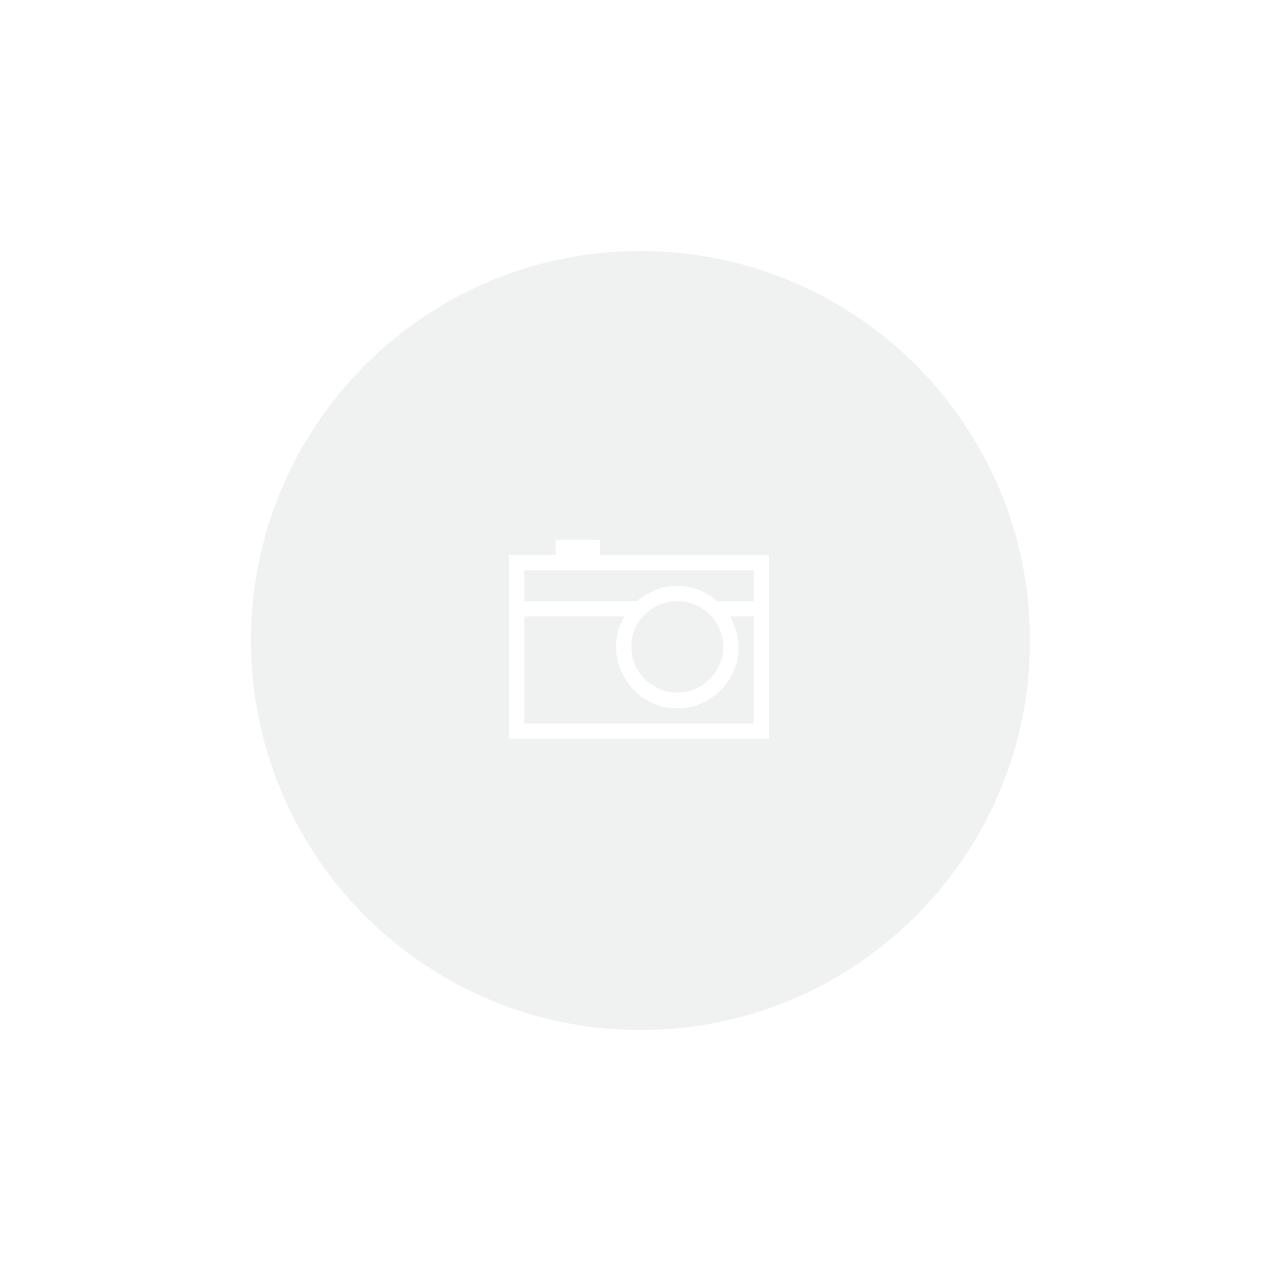 Lamicote Textura 180g - Ref. 08 Tiffany